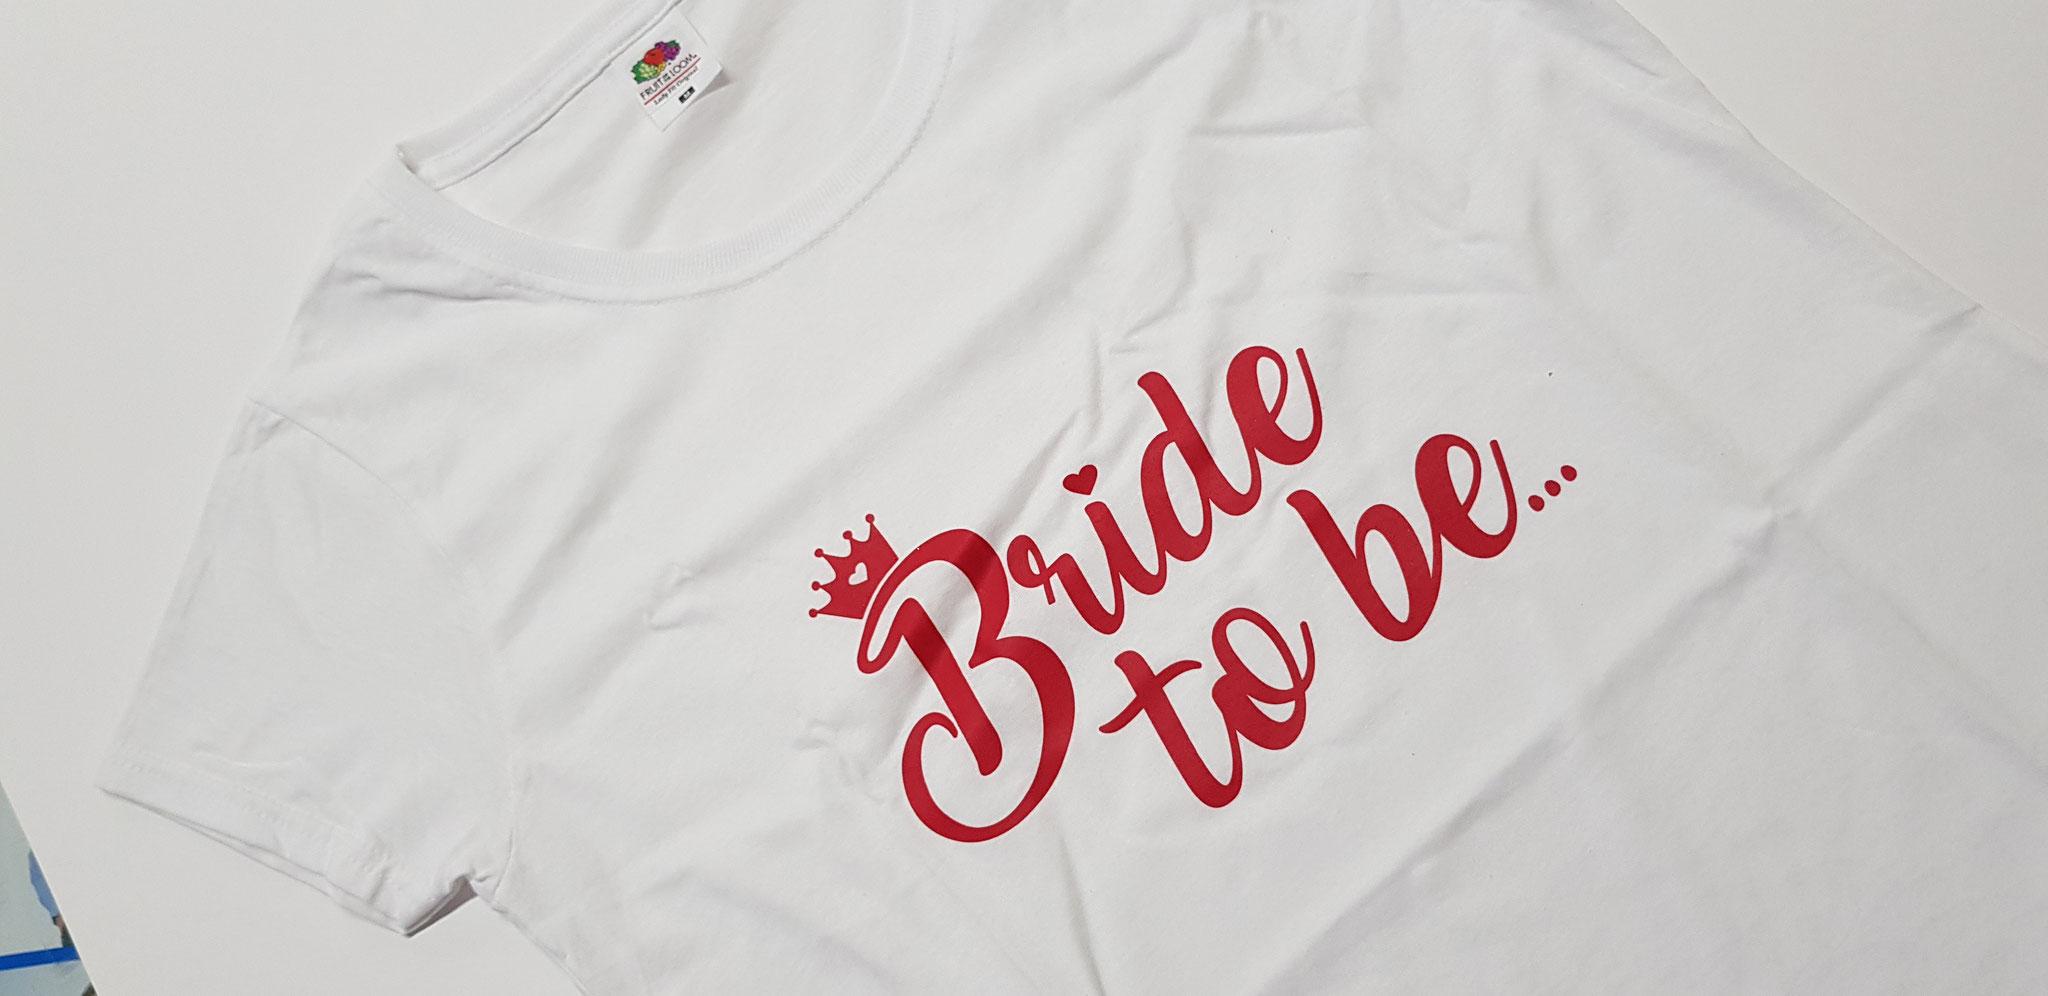 Stampa bianca per festa addio nubilato sposa